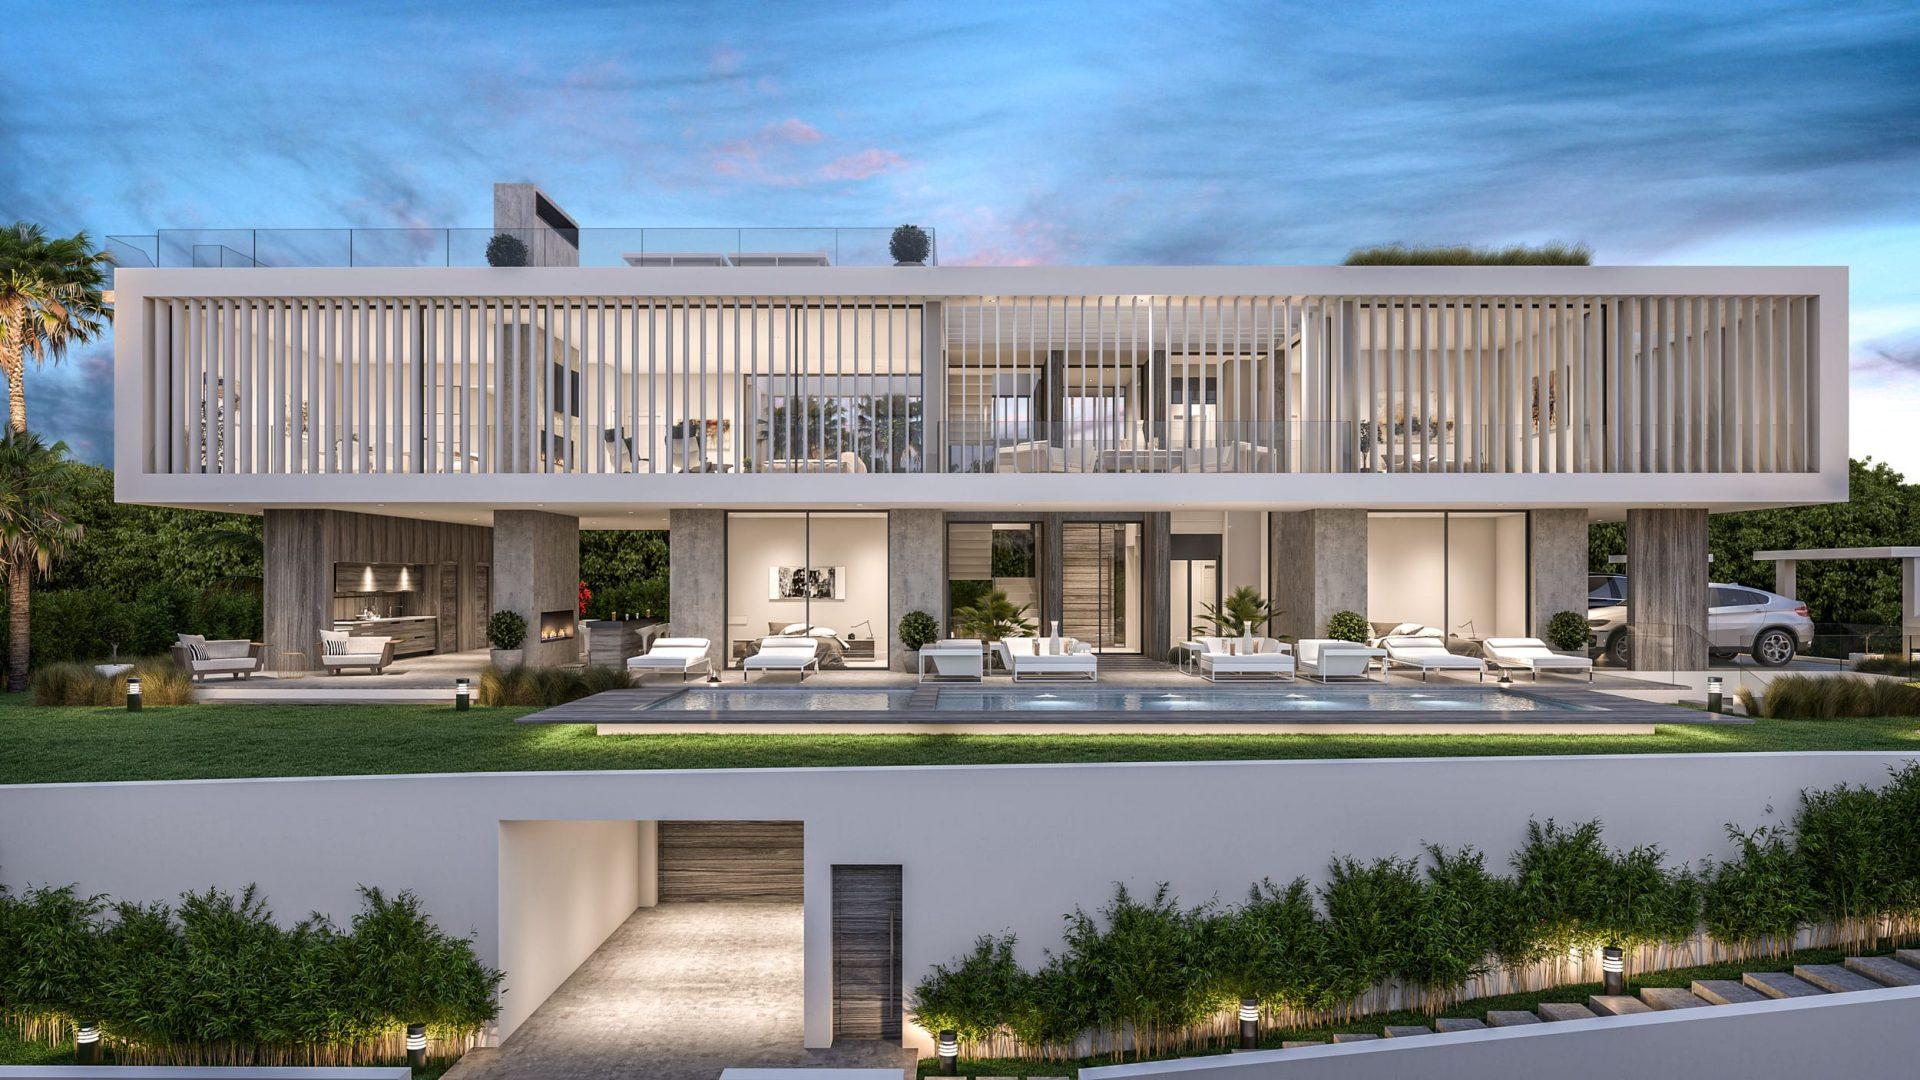 luxury-villa-dubai-marbella-madrid-b8-architecture-villa-cubus-01